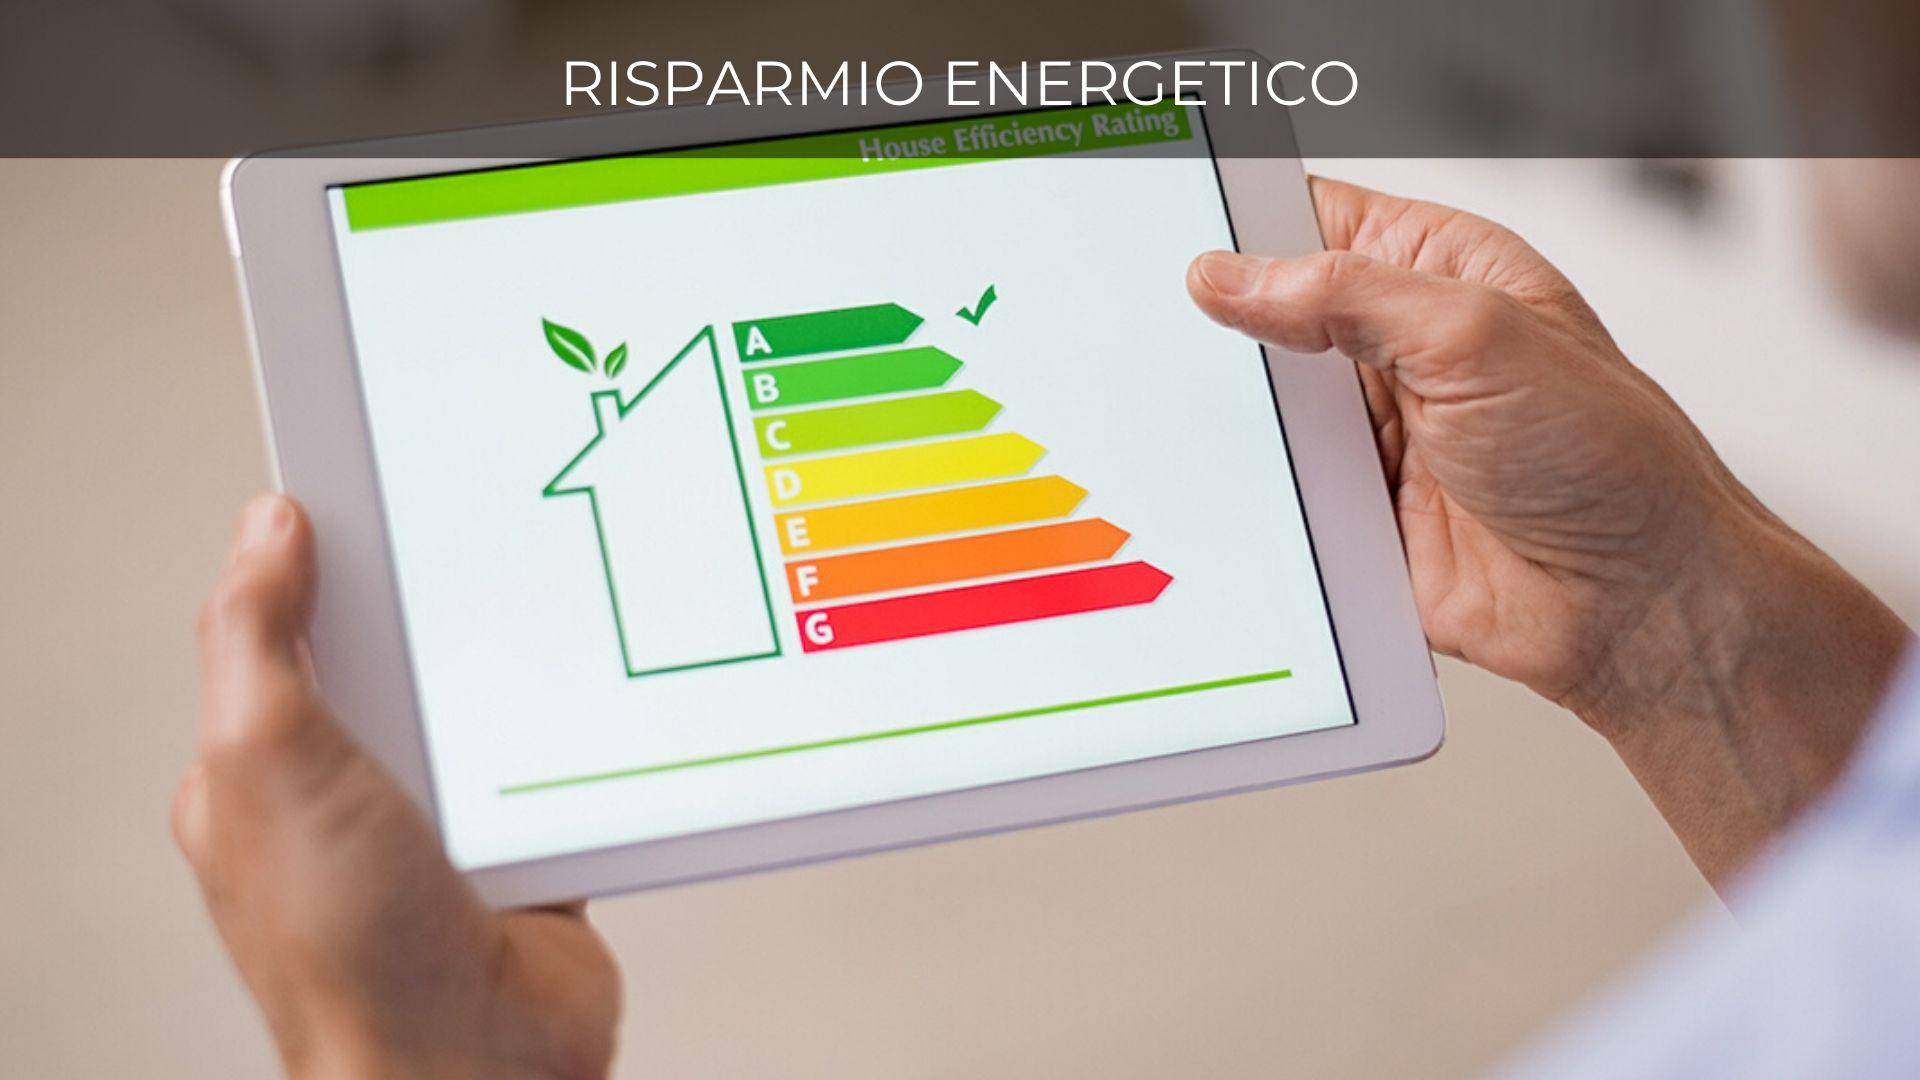 Climatizzatori Artel e risparmio energetico